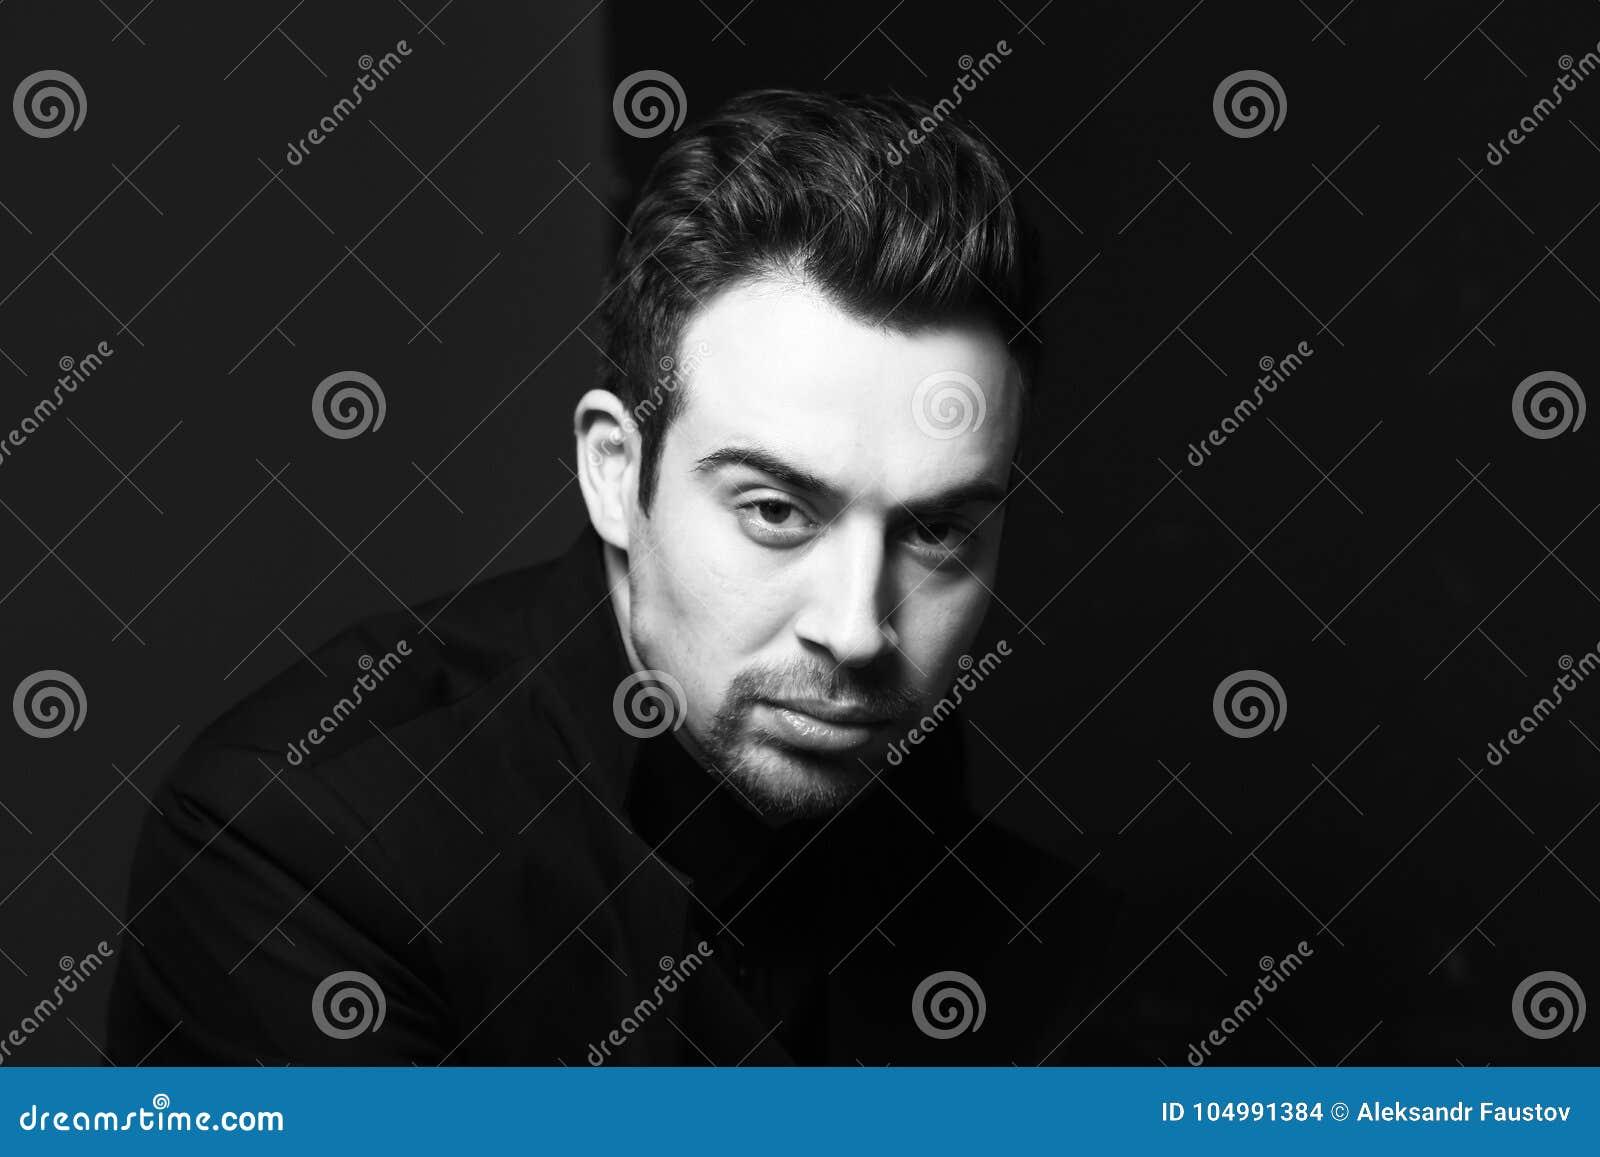 Черно-белый портрет серьезного молодого красивого человека одел в черном, драматическом освещении